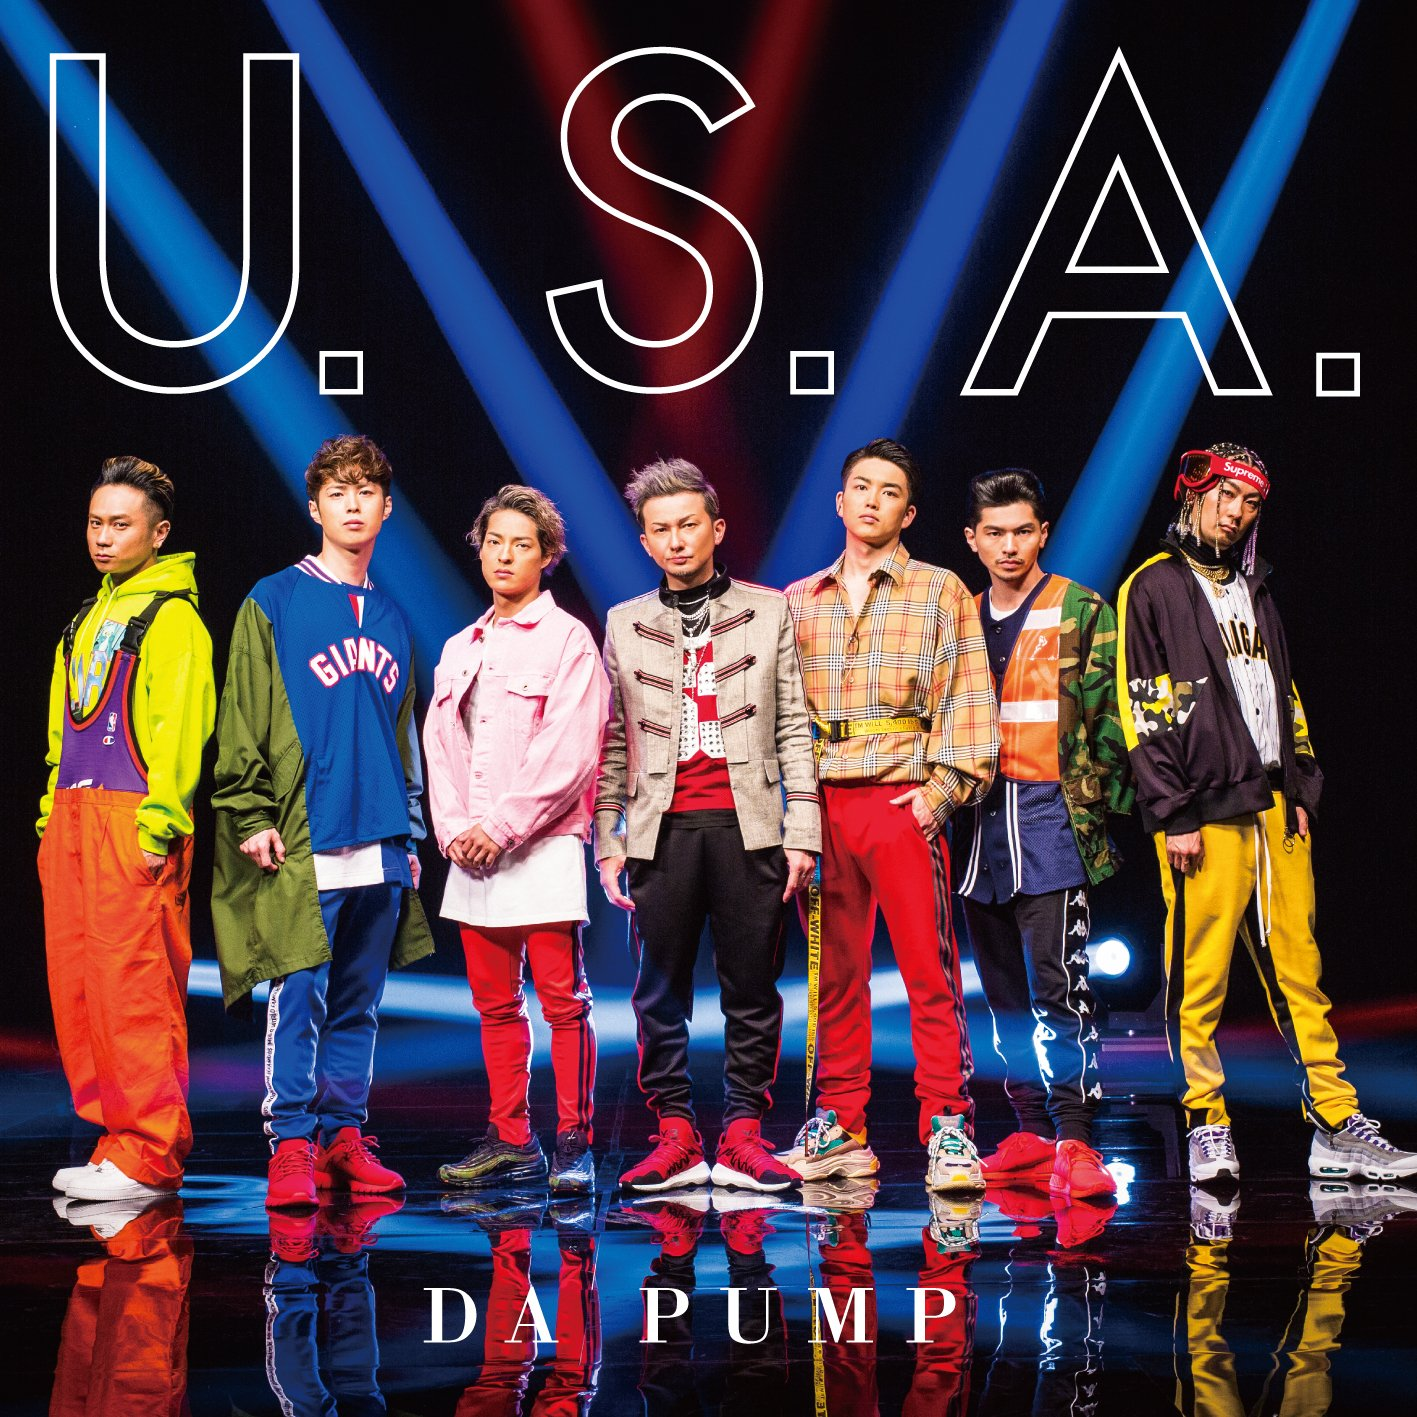 U.S.A.(CD+DVD)DA PUMP